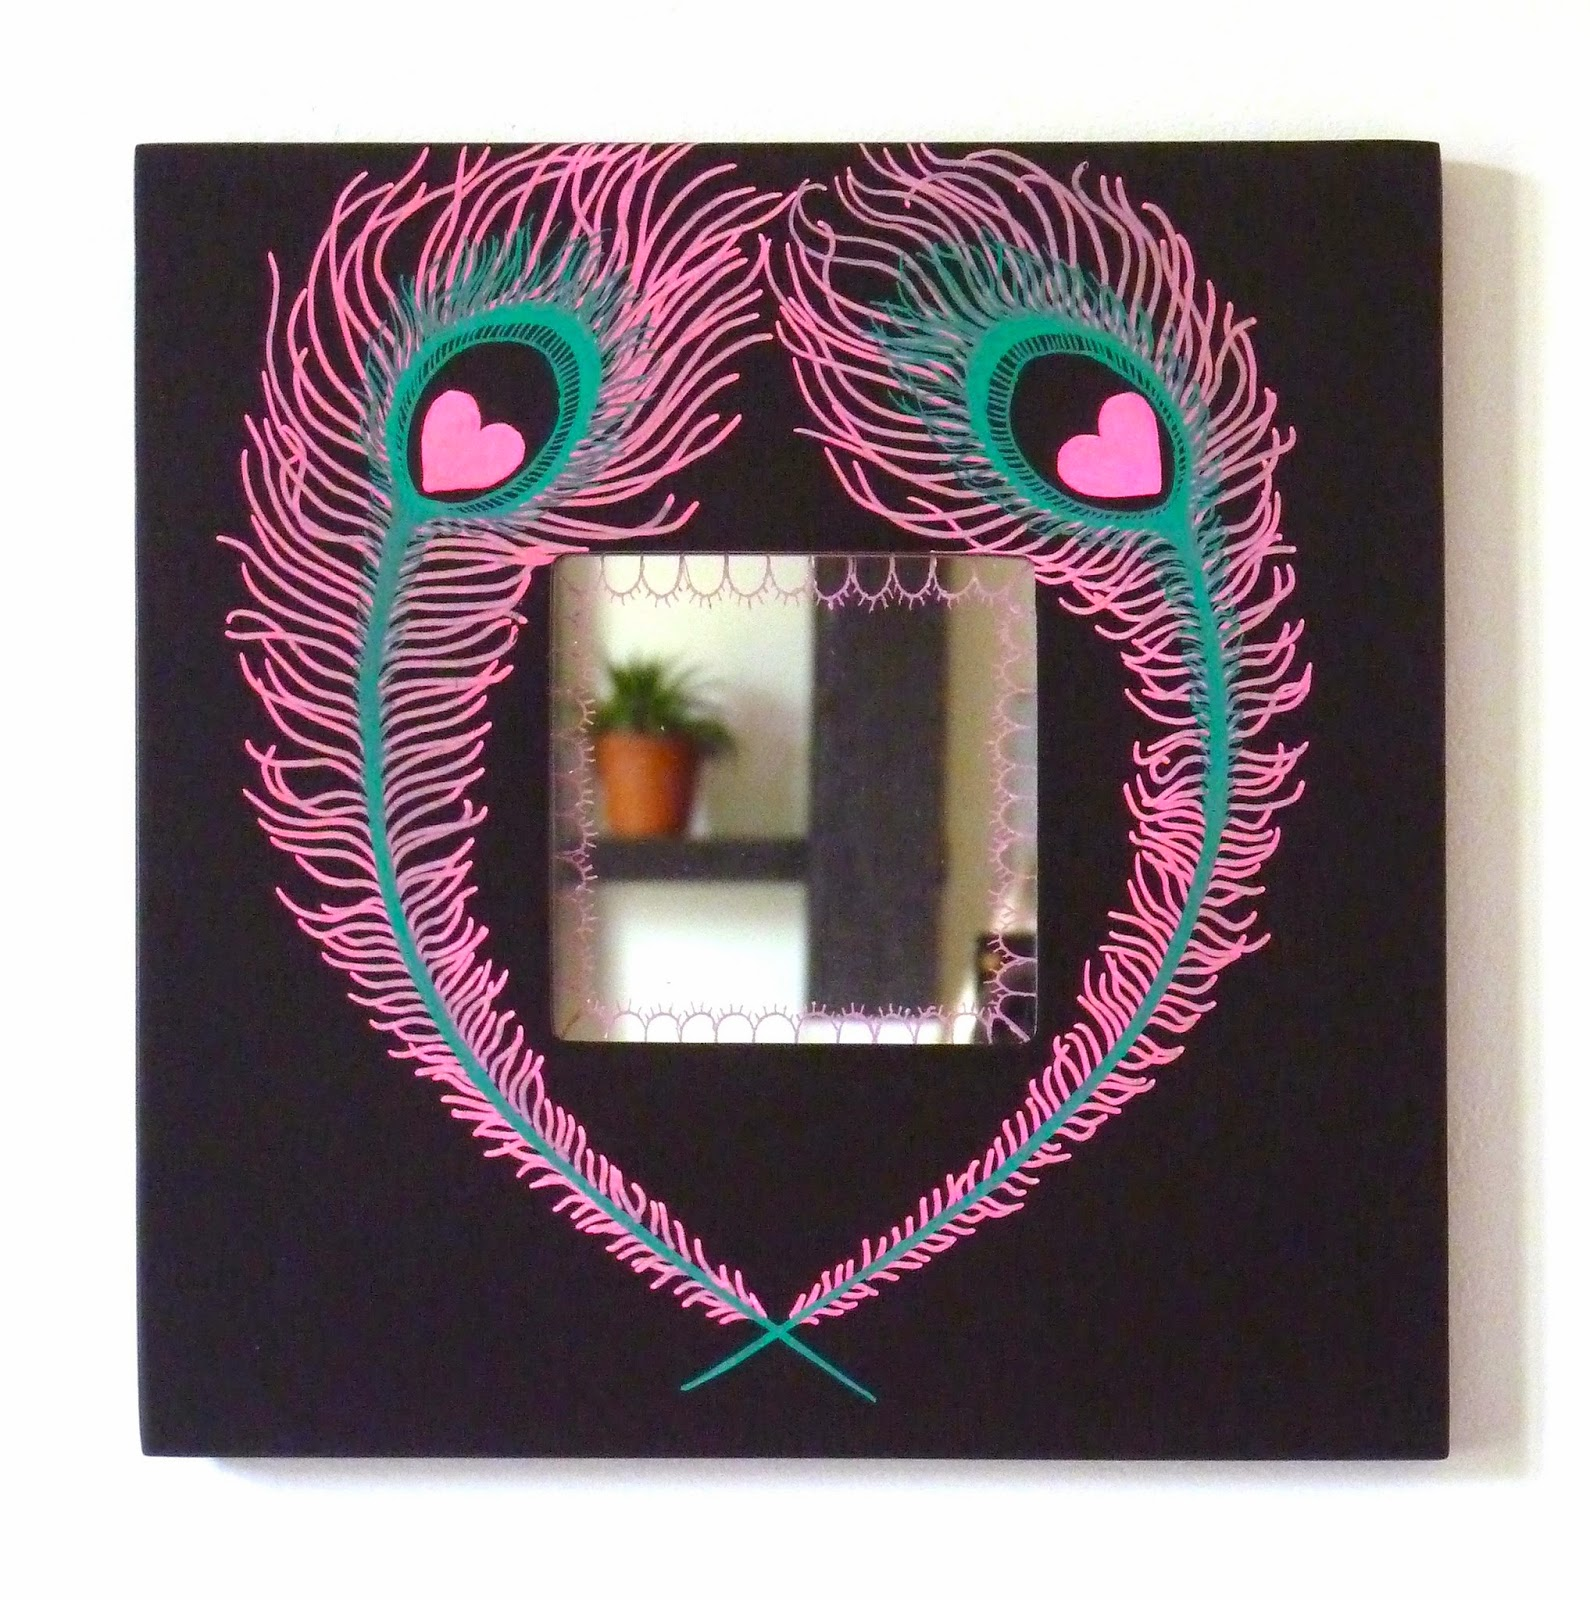 Zoline art miroir miroir qui est le plus beau des miroirs - Les plus beaux miroirs ...